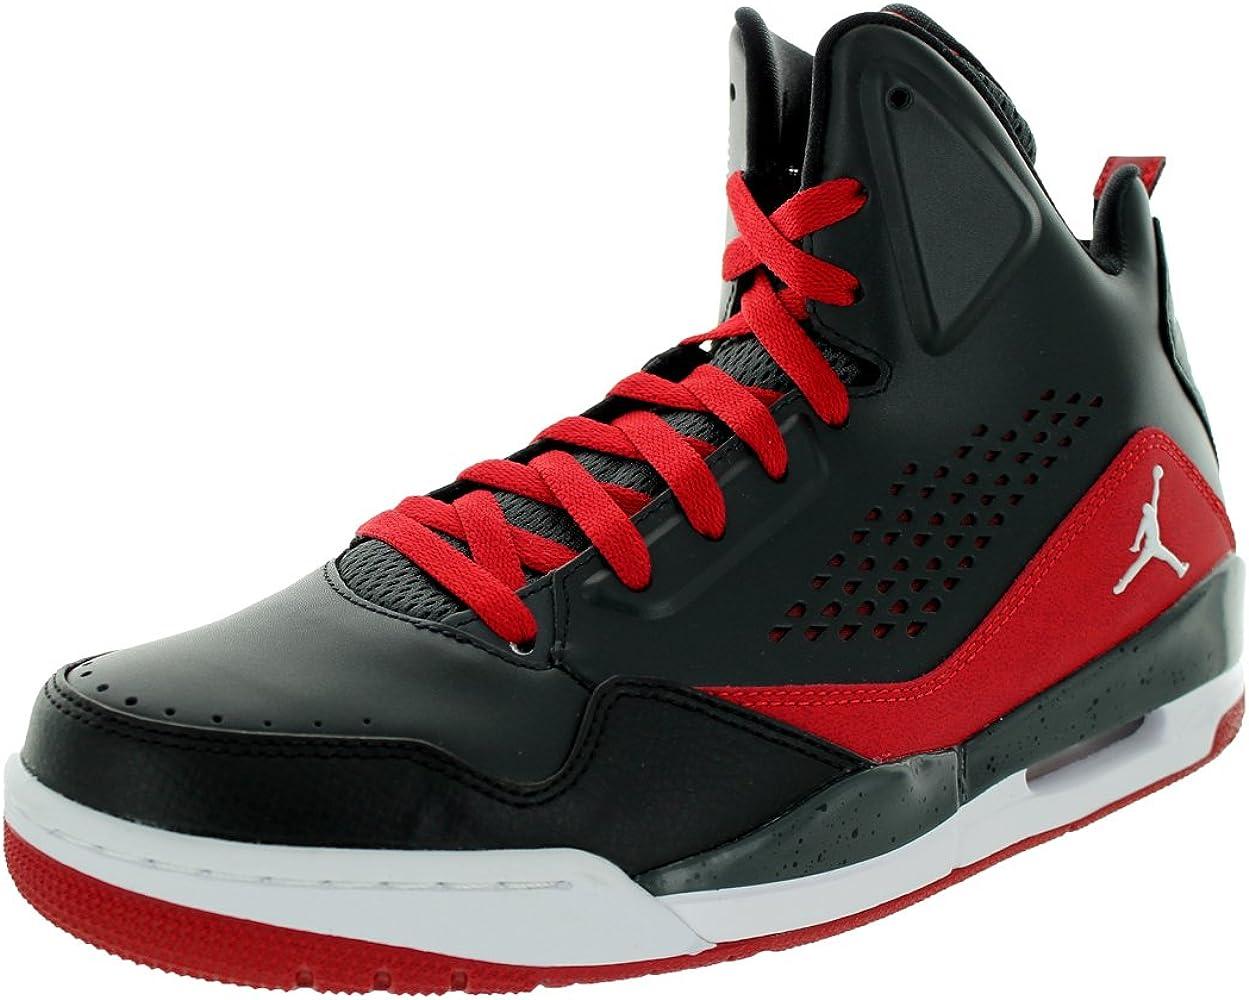 Zapatillas de baloncesto Nike SC-3 antracita / blanco / negro ...